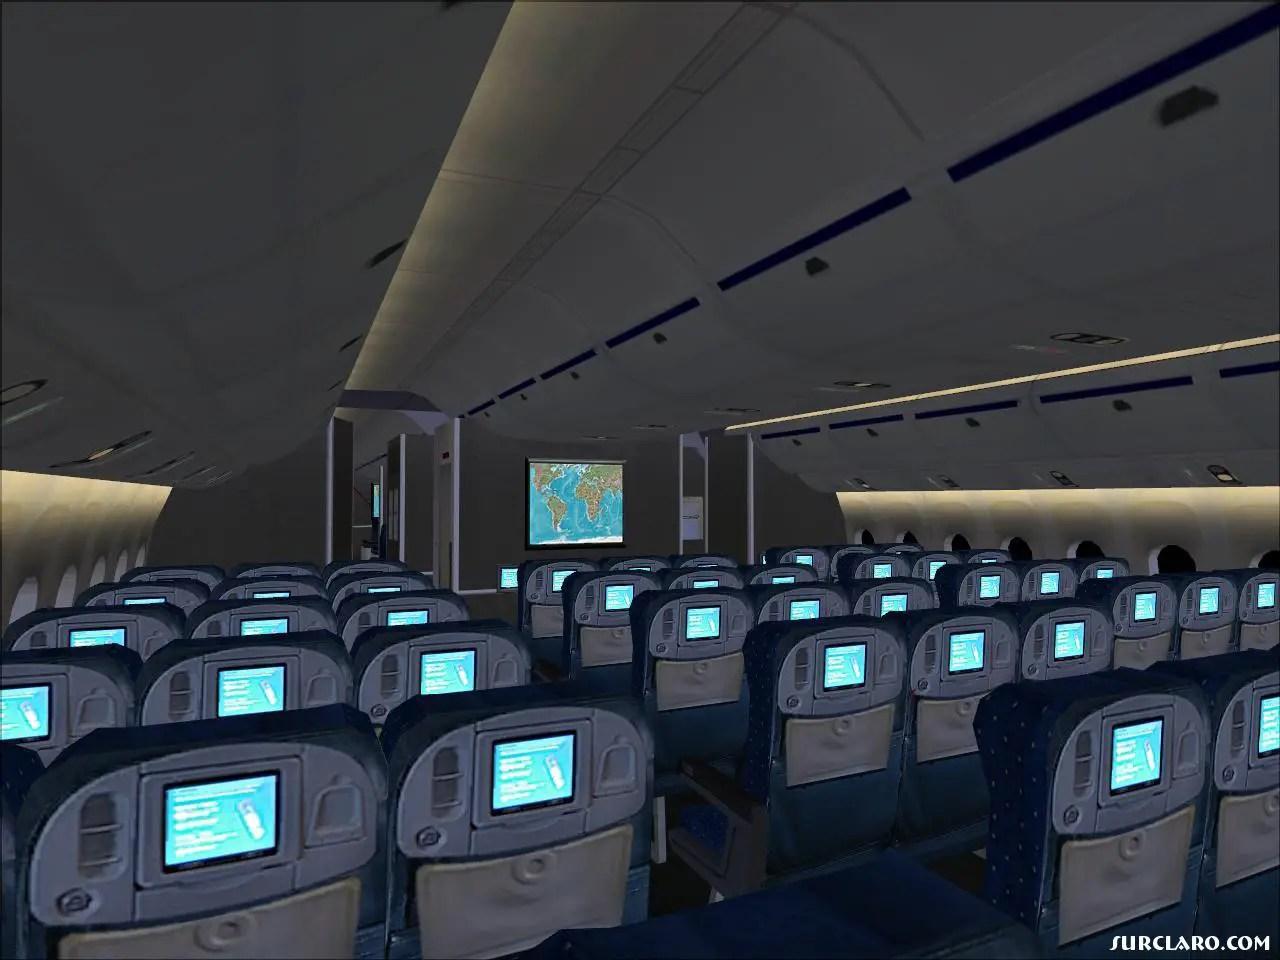 Fs2004 777 Passenger Cabin 7666 Surclaro Photos